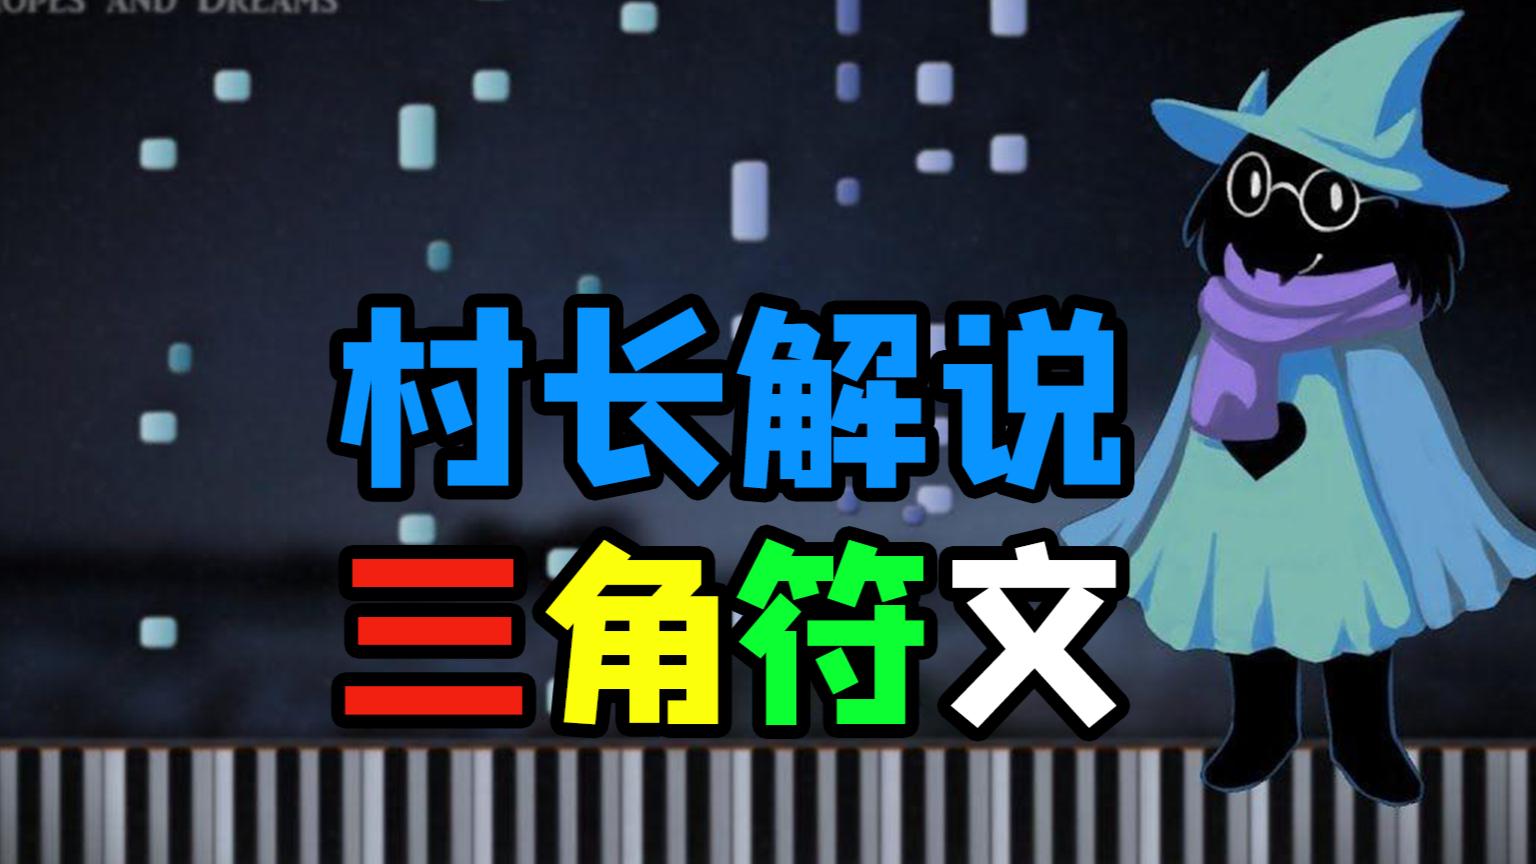 【村长】传说之下官方新作三角符文ep6 来到美食街?